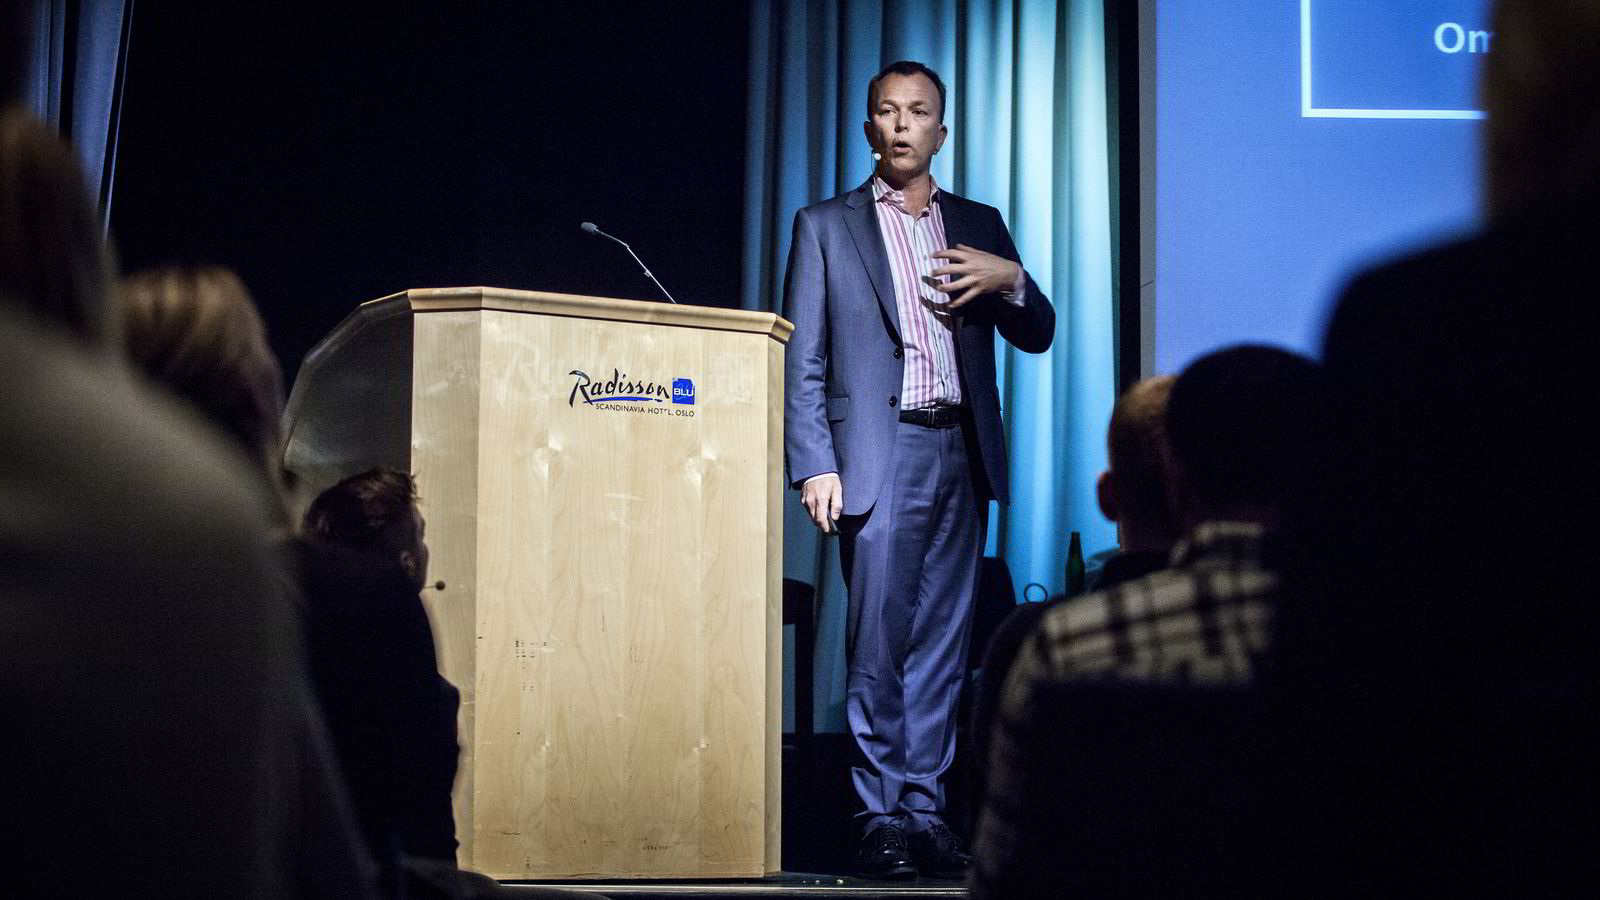 Nils M. Apeland er selv en profilert foredragsholder. Nå har han startet en tjeneste hvor prisene på norske foredragsholdere ligger åpent for alle. Her snakker han for handelsstudenter på Radisson Blu. Foto: Klaudia Lech